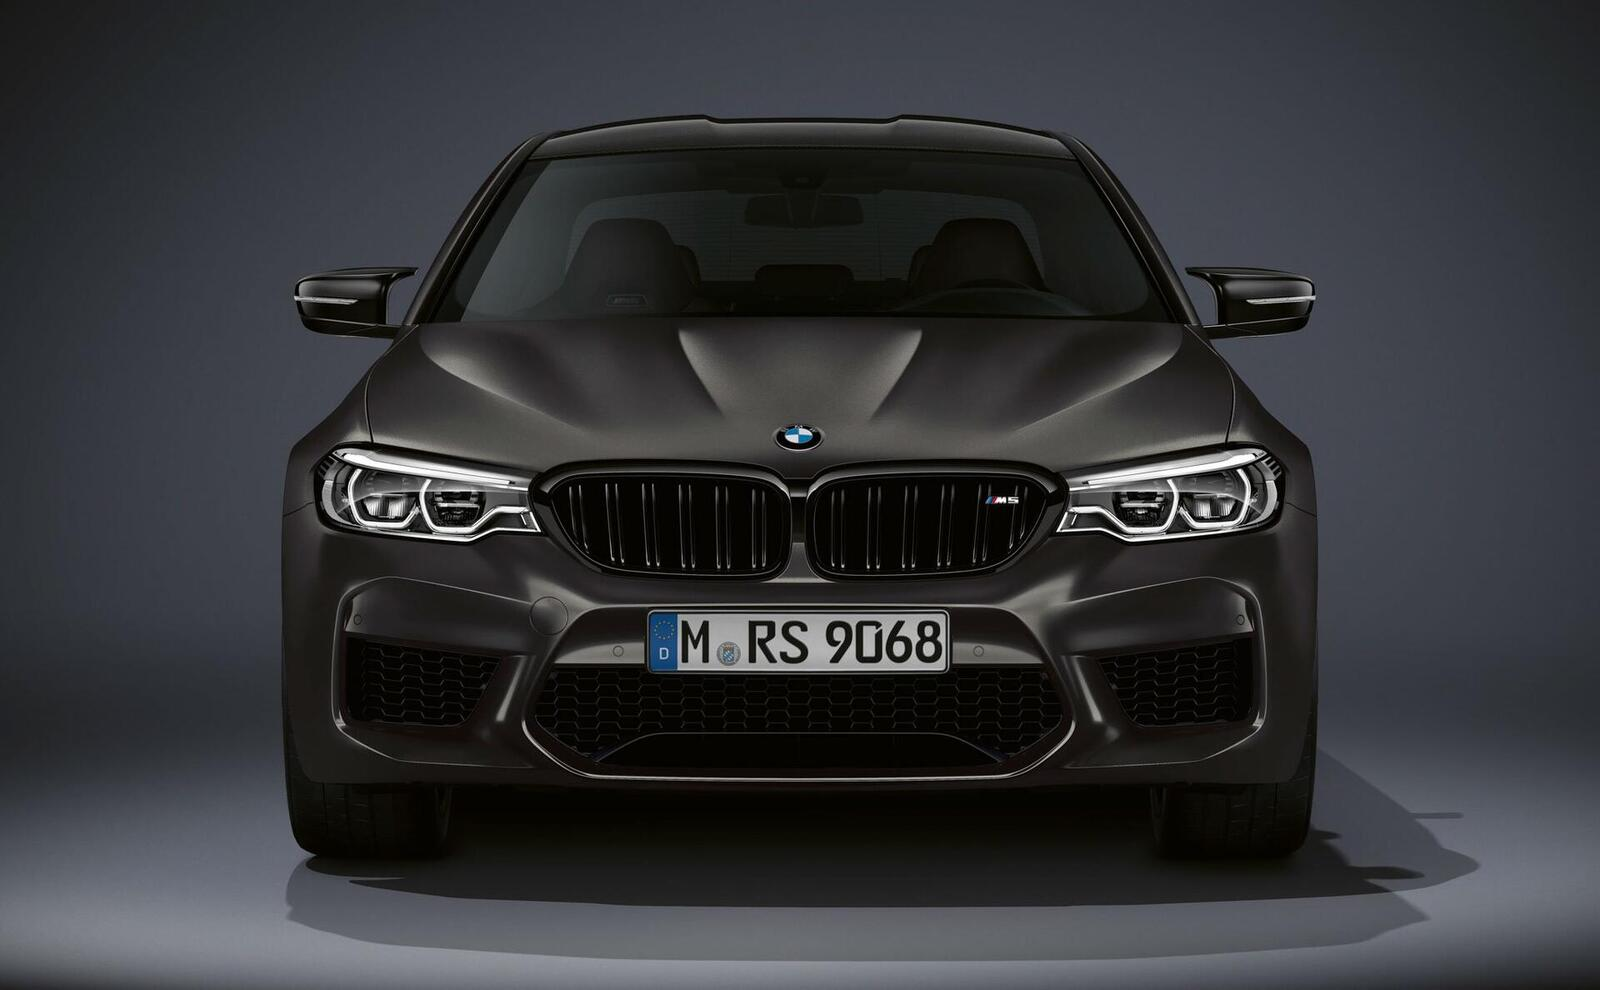 """Phiên bản đặc biệt của BMW tên M5 """"Edition 35 Jahre"""" được sản xuất giới hạn chỉ 350 chiếc - Hình 2"""